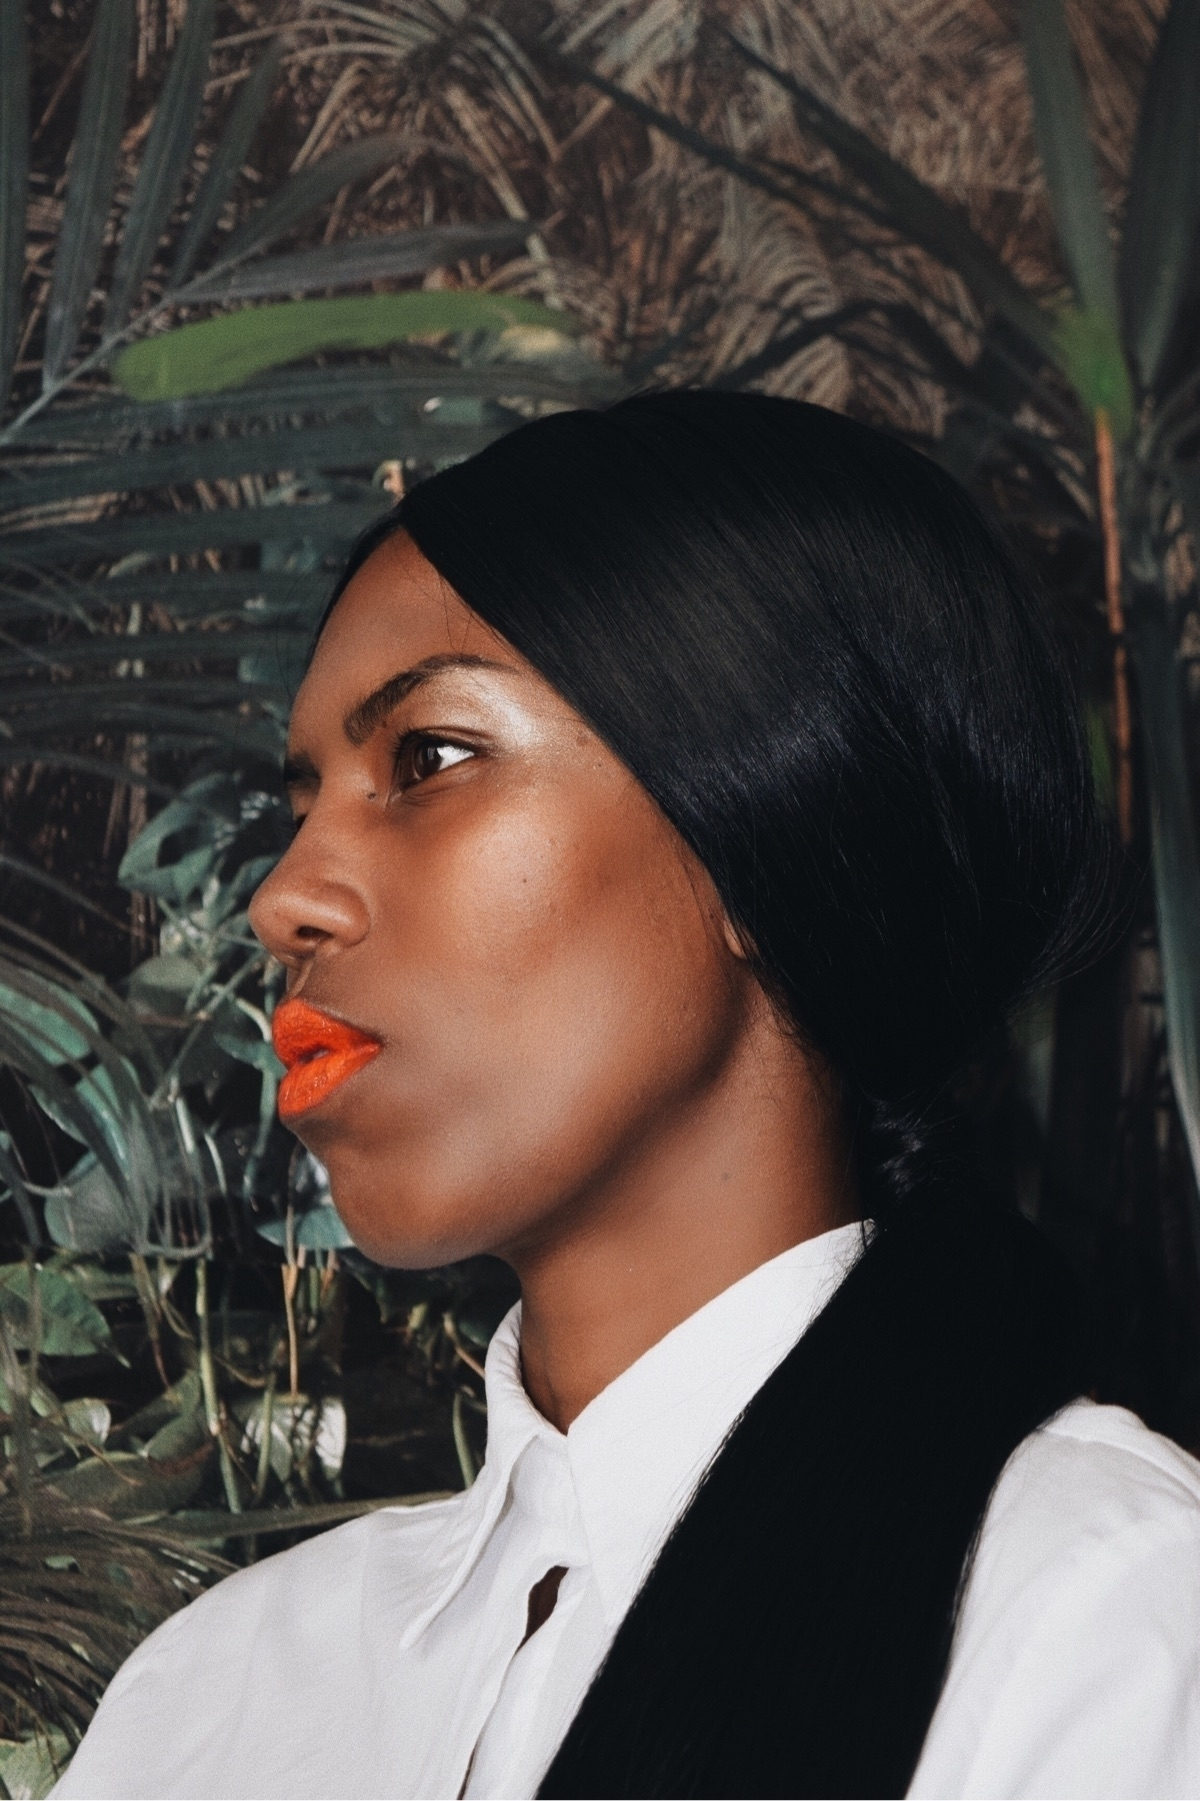 Harlem girl - herlem, fashion - karlberge2 | ello